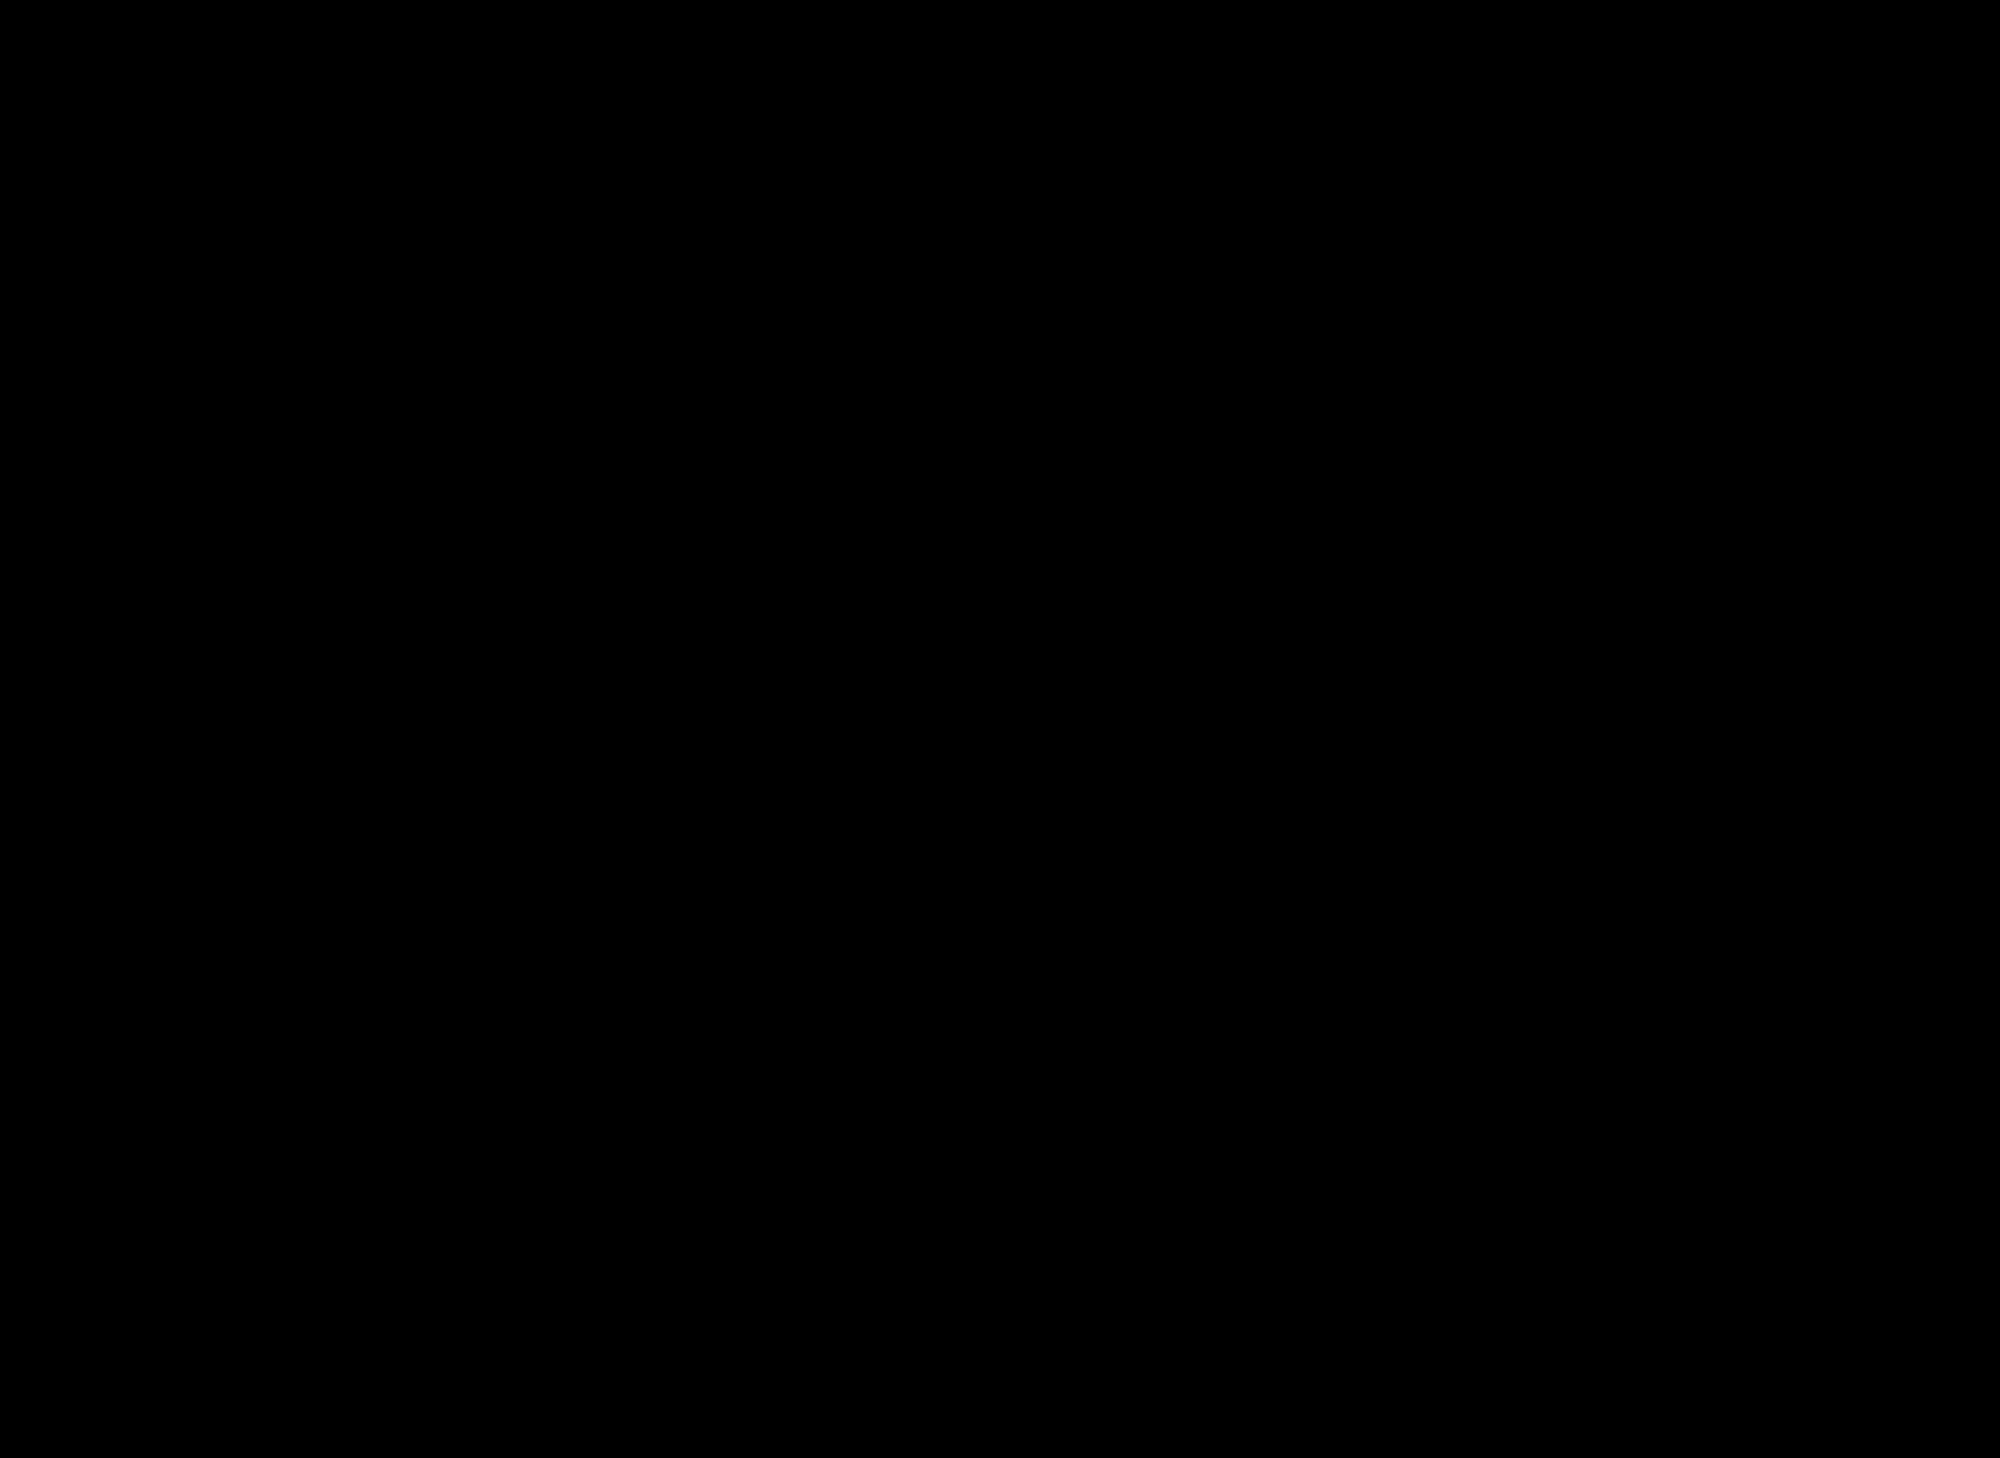 Spot UV Logo for MockUp